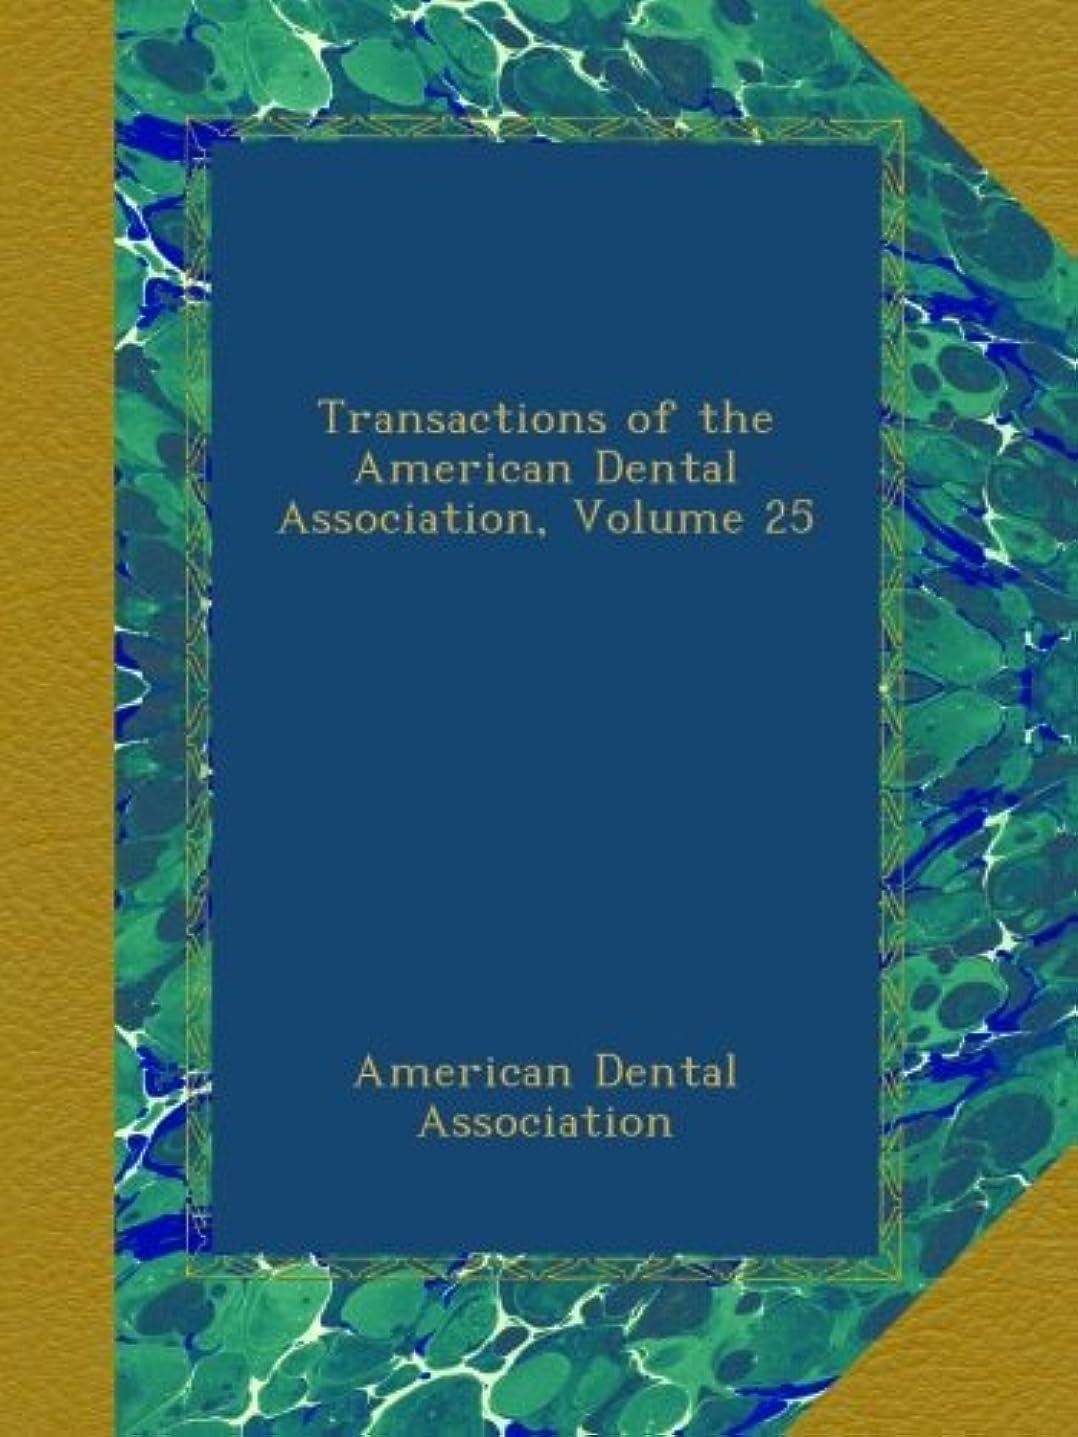 結論噛む悲観的Transactions of the American Dental Association, Volume 25